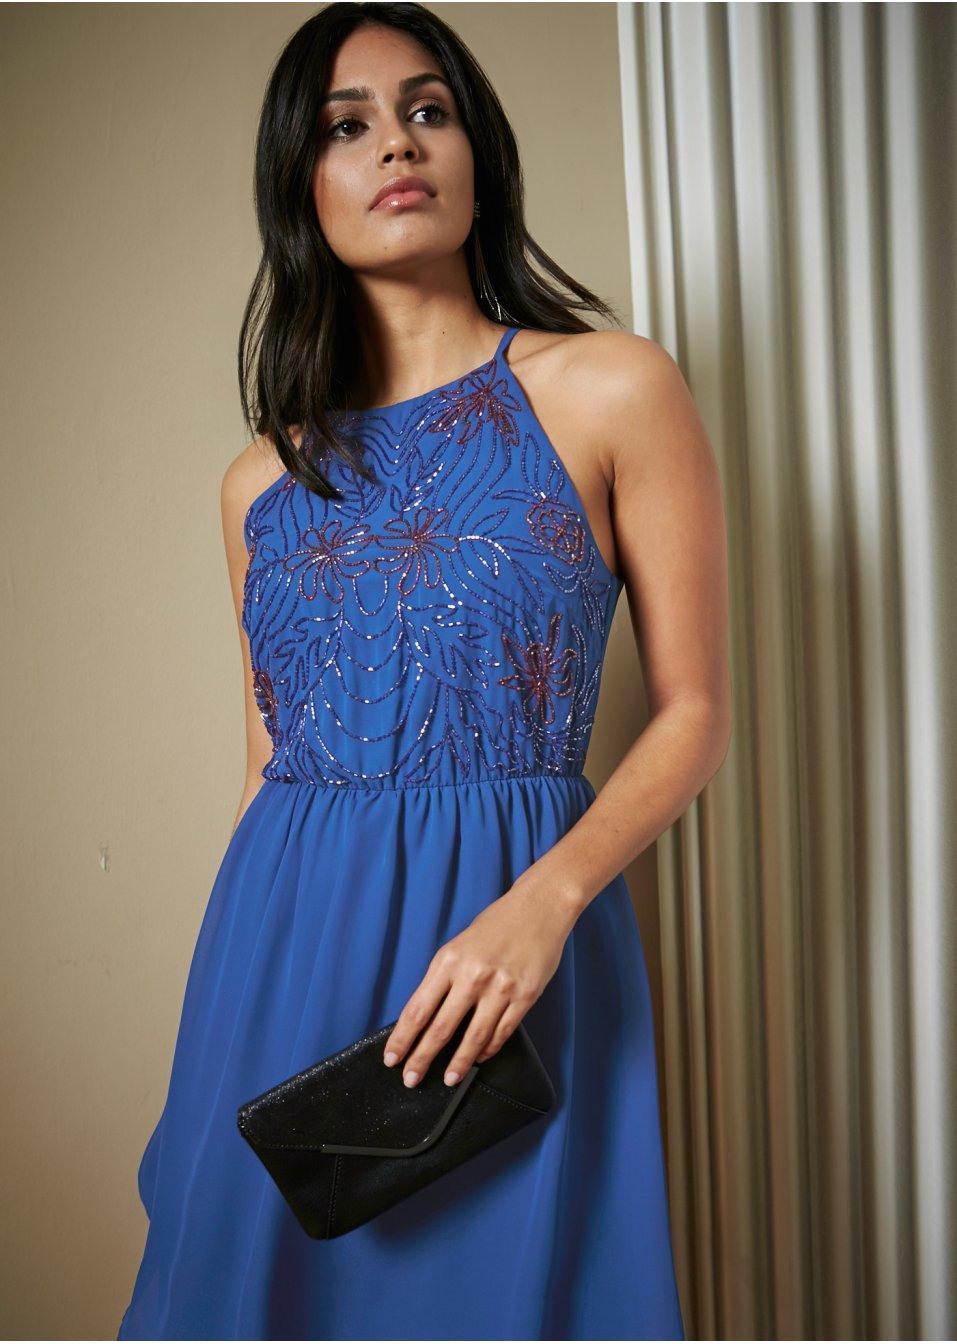 Kleid Mit Perlenstickerei Royal Blau  Bodyflirt  Bonprixde